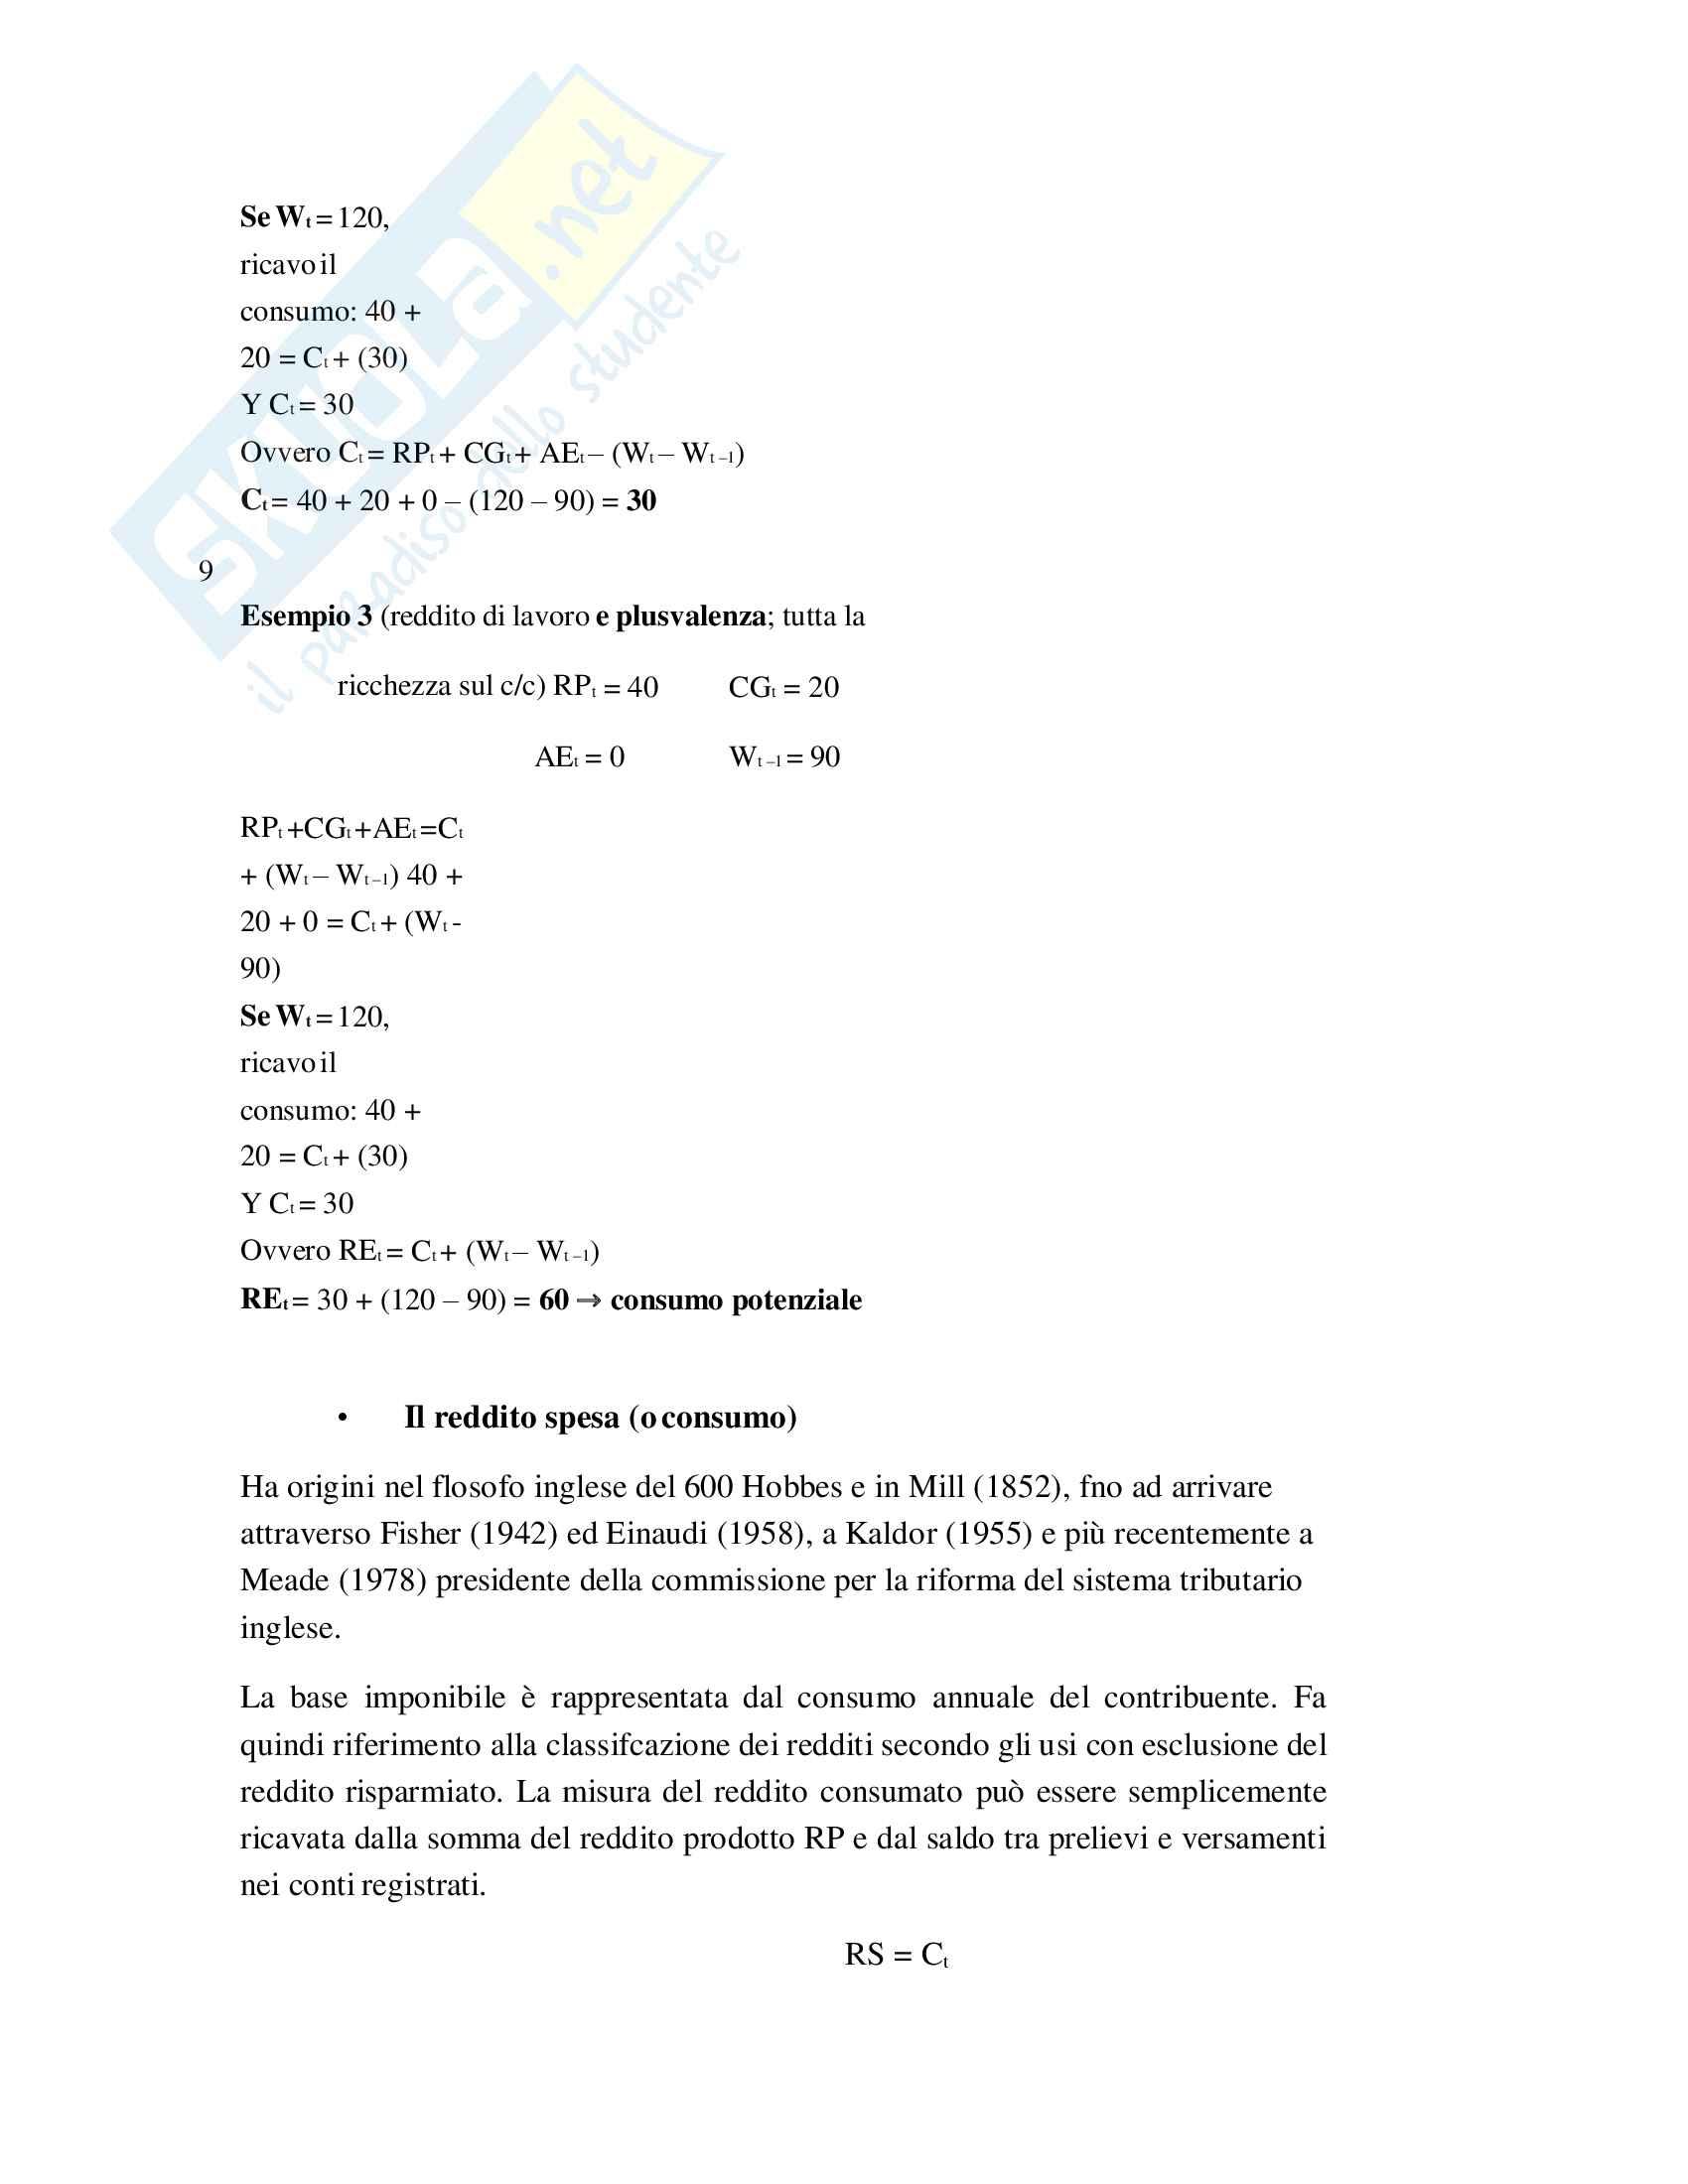 Riassunto Tributi economia italiana, esame di scienza delle finanze, prof Baldini, libro consigliato P. Bosi, M. C. Guerra: I tributi nell'economia italiana Pag. 11